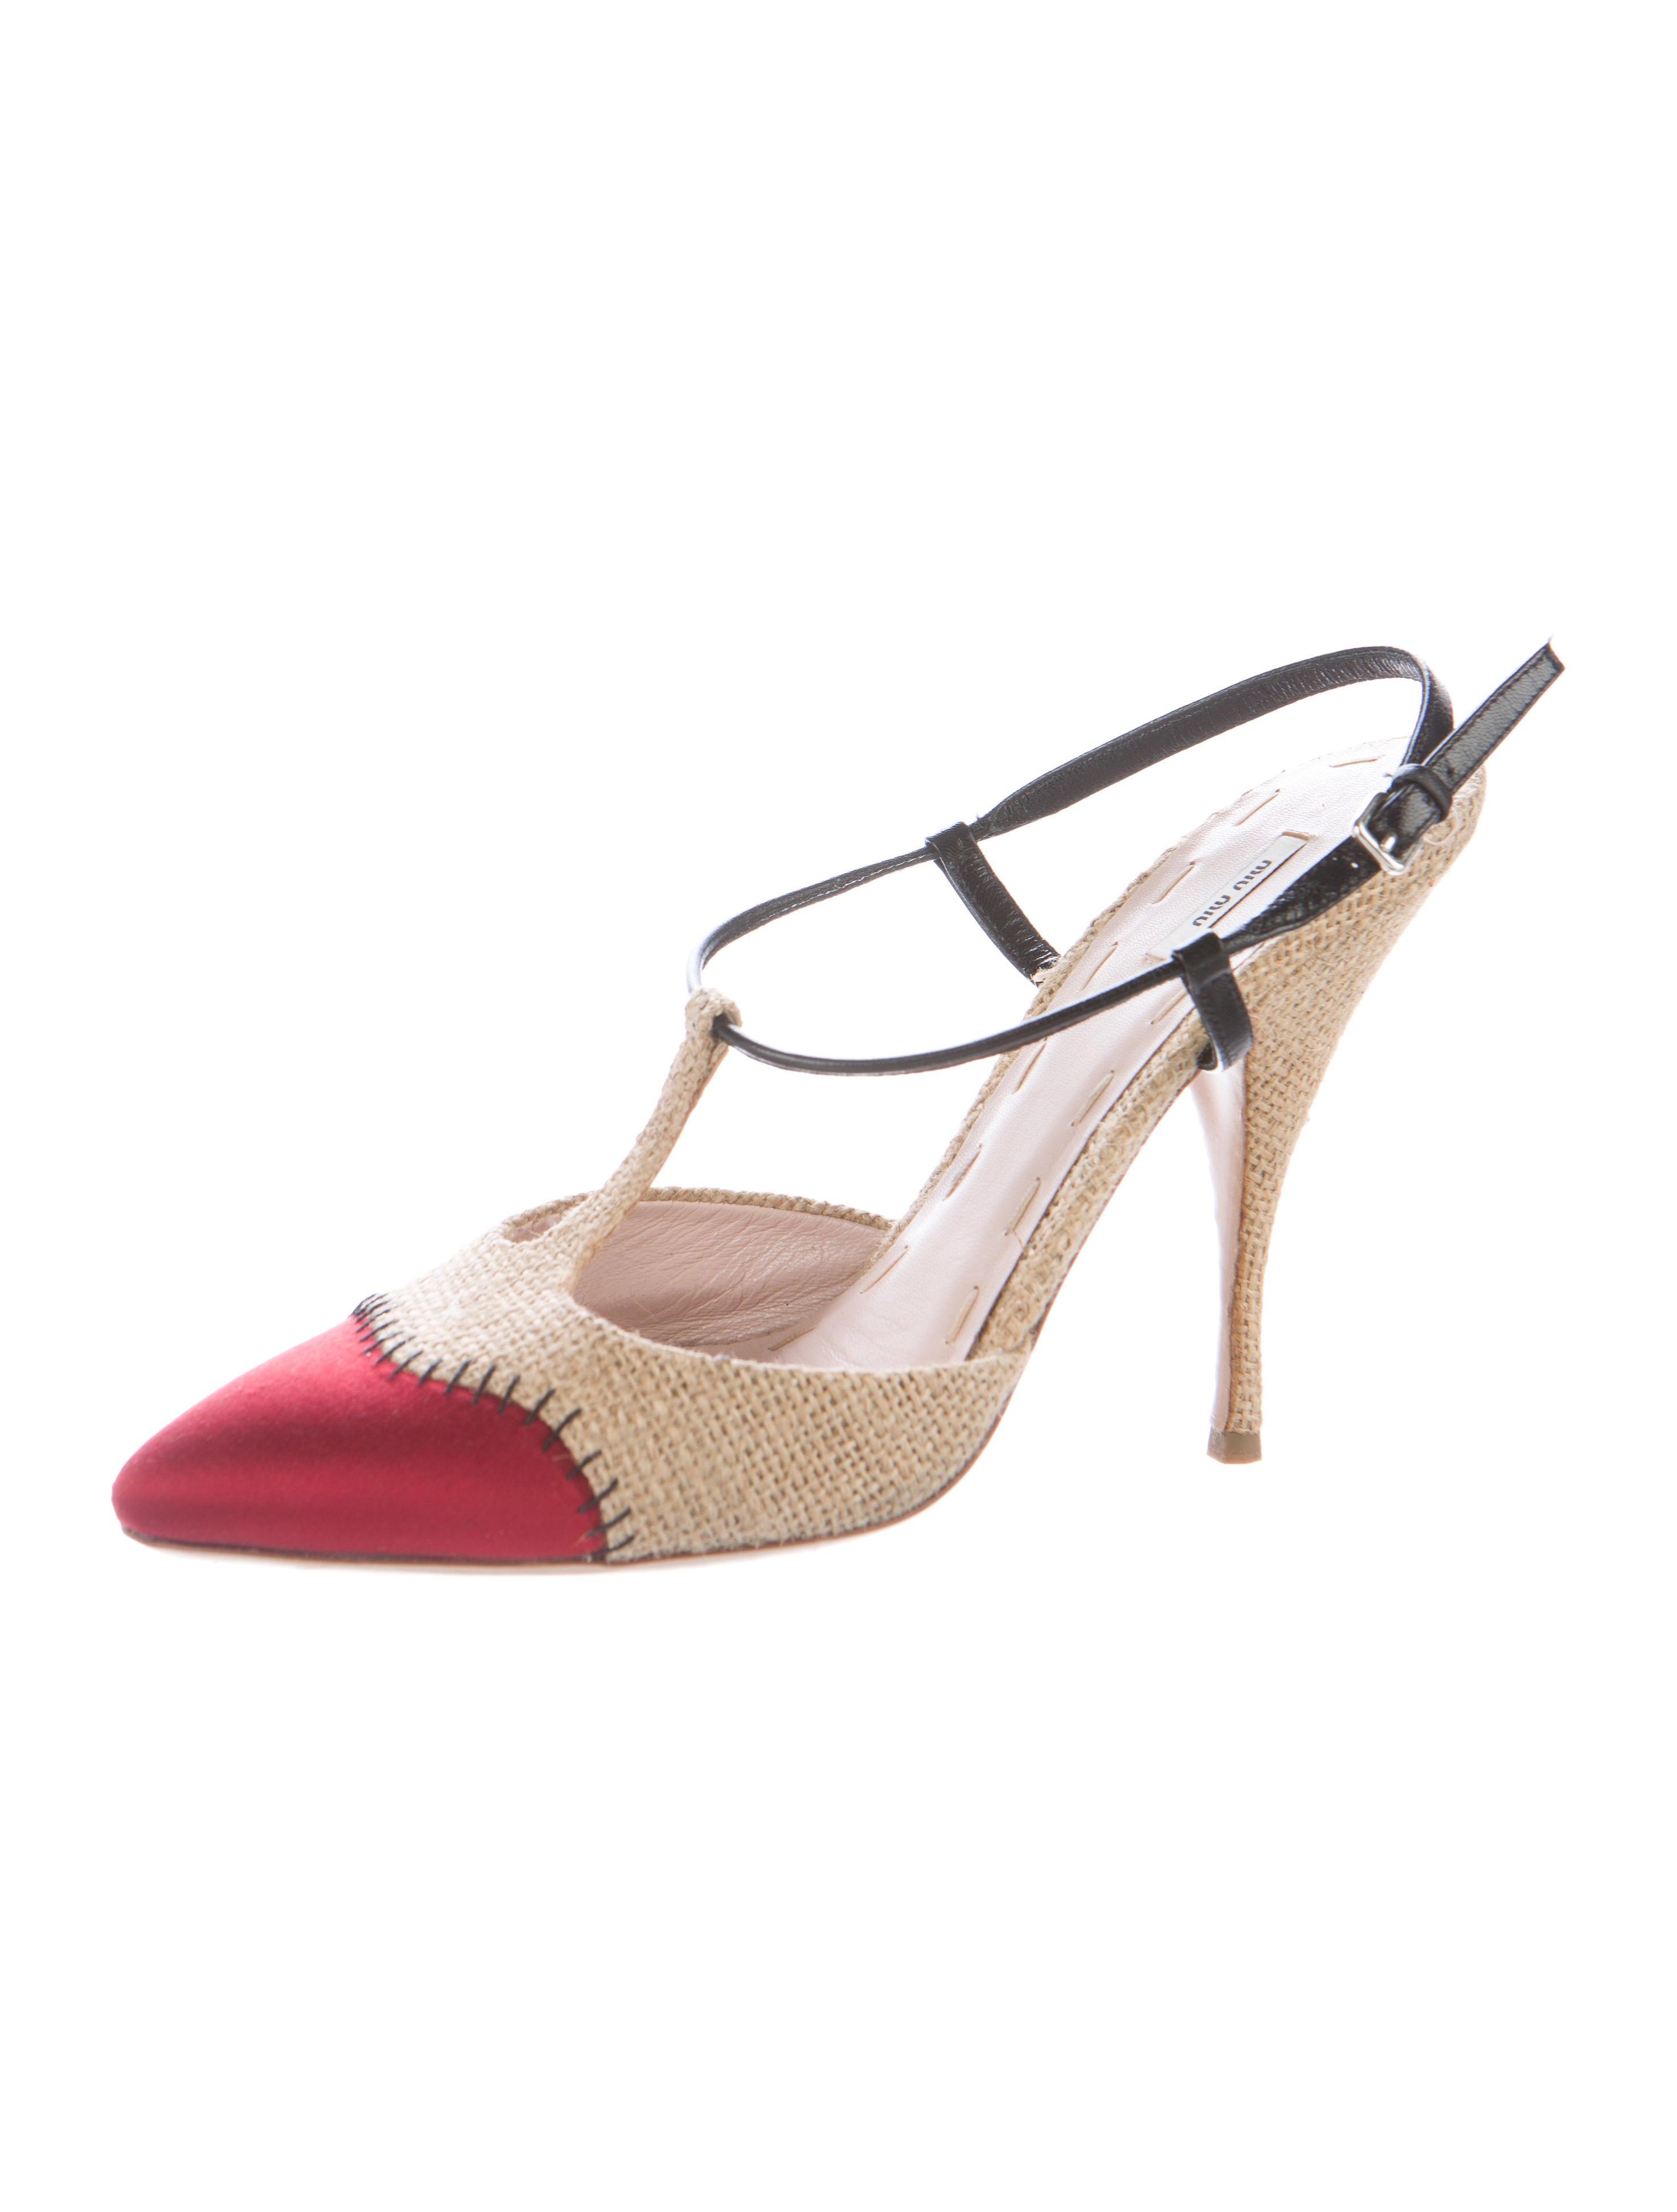 miu miu raffia t strap pumps shoes miu46776 the realreal. Black Bedroom Furniture Sets. Home Design Ideas